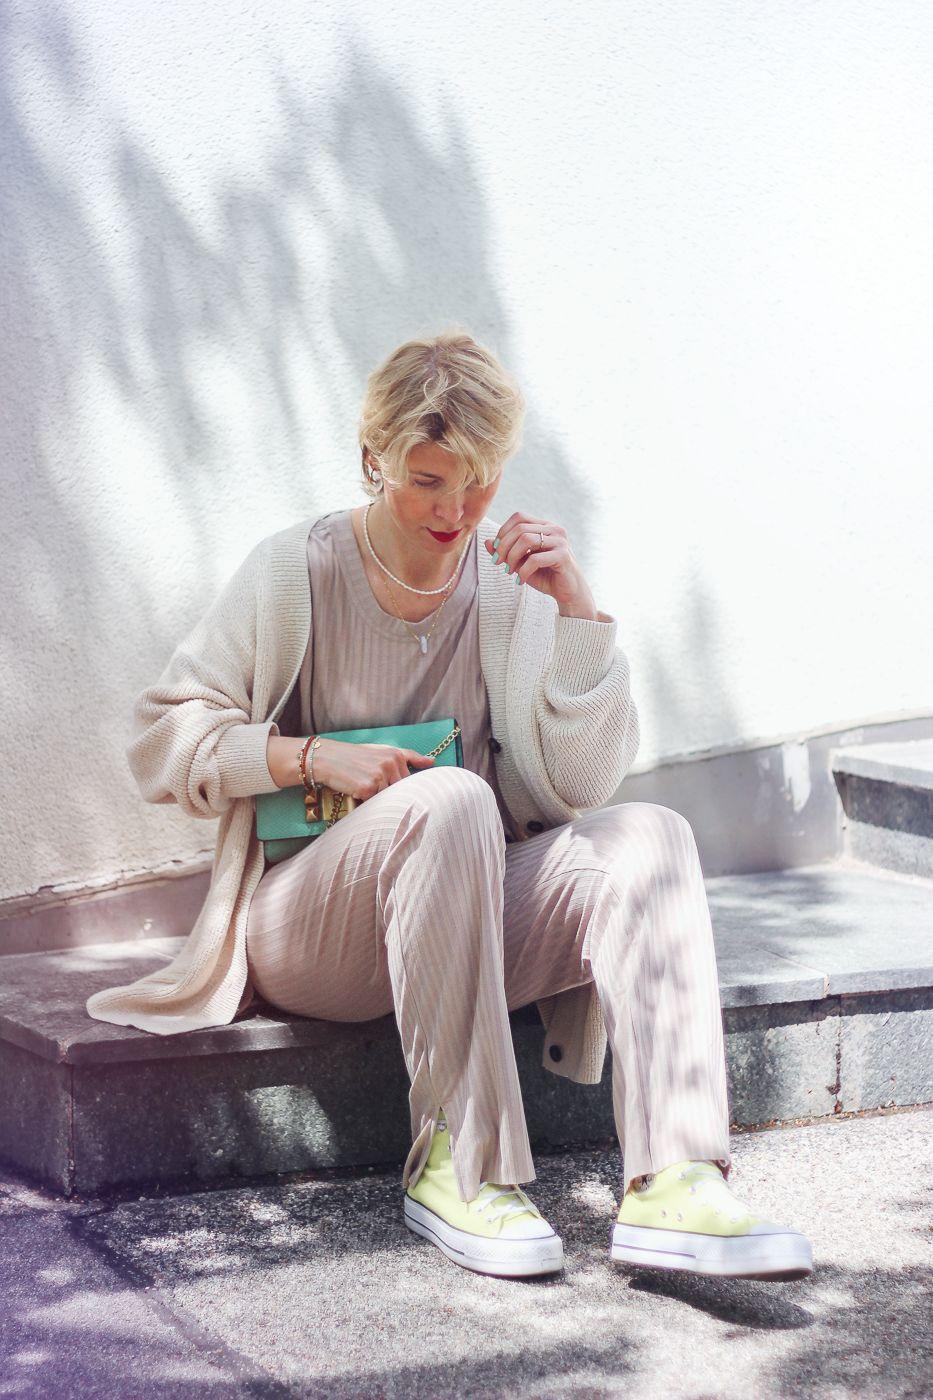 conny doll lifestyle: Pyjama-Style: Wie kombiniere ich den Schlafanzug alltagstauglich?